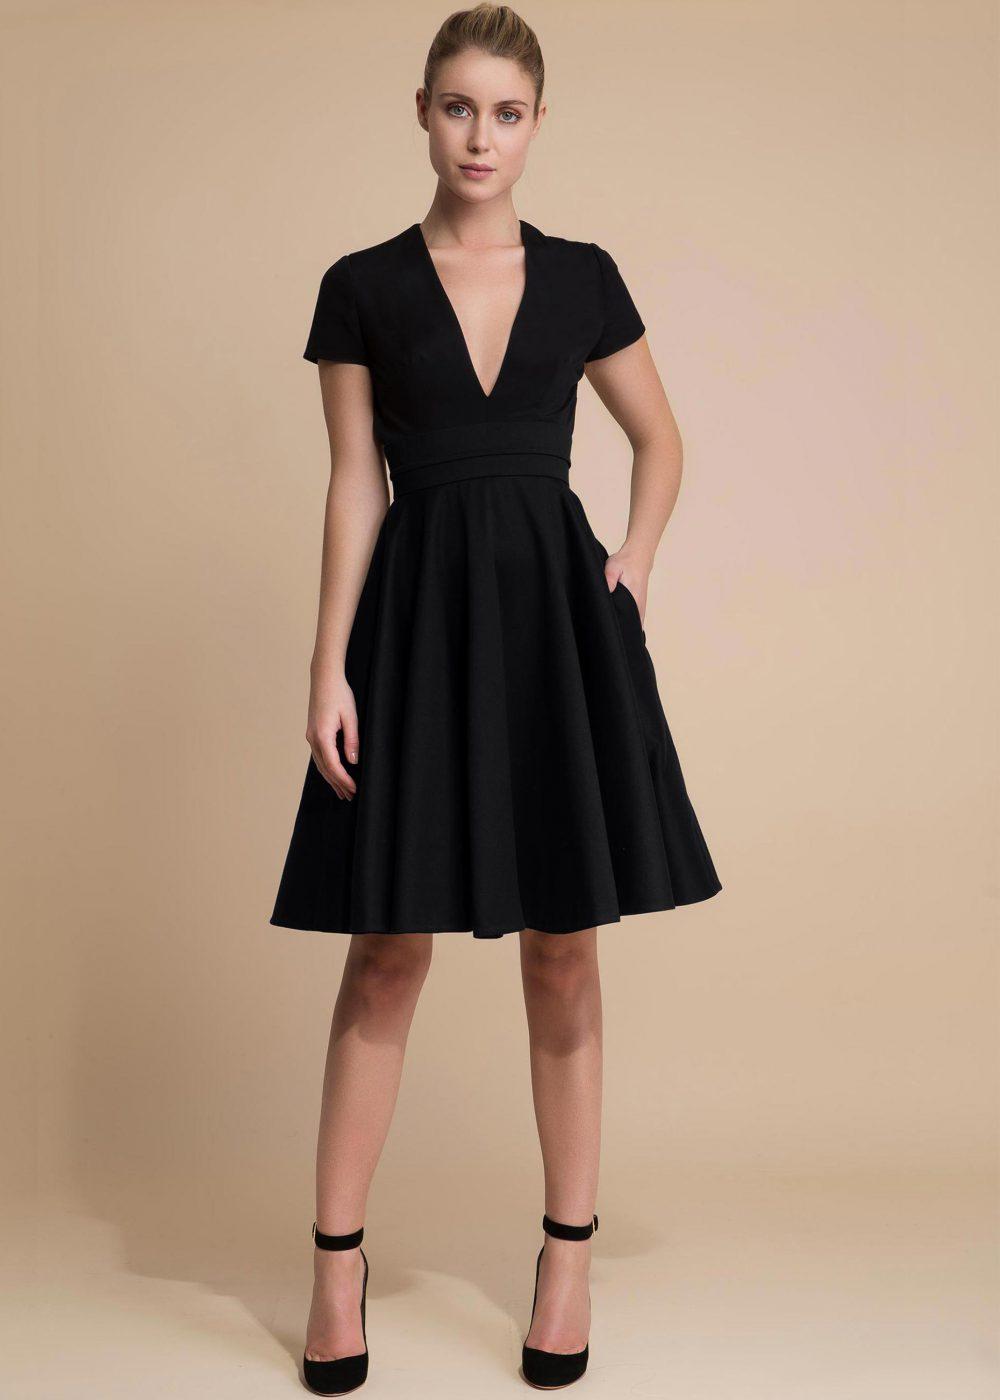 Achille-createur-robe-de-soiree-courte-noire1